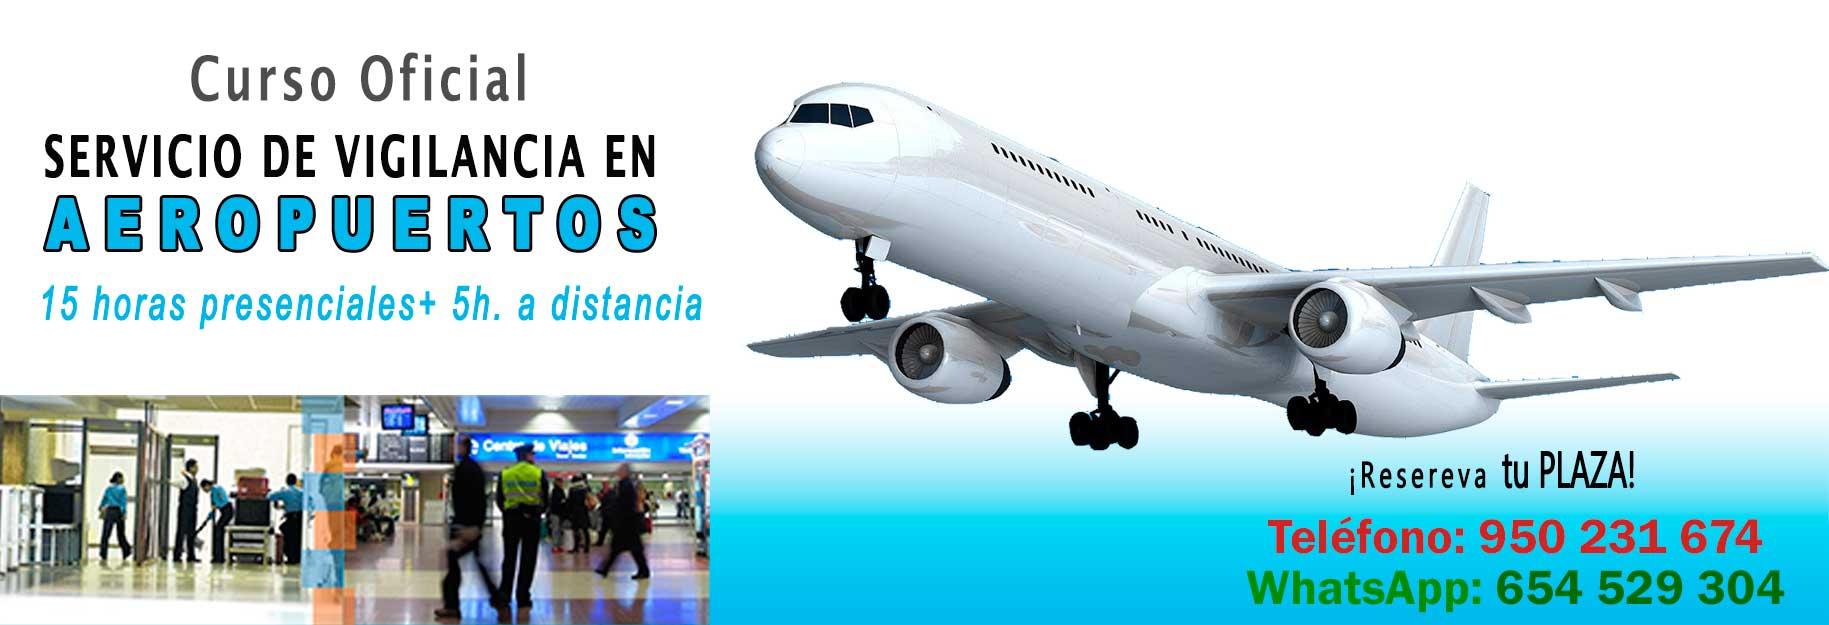 aeropuertos2017